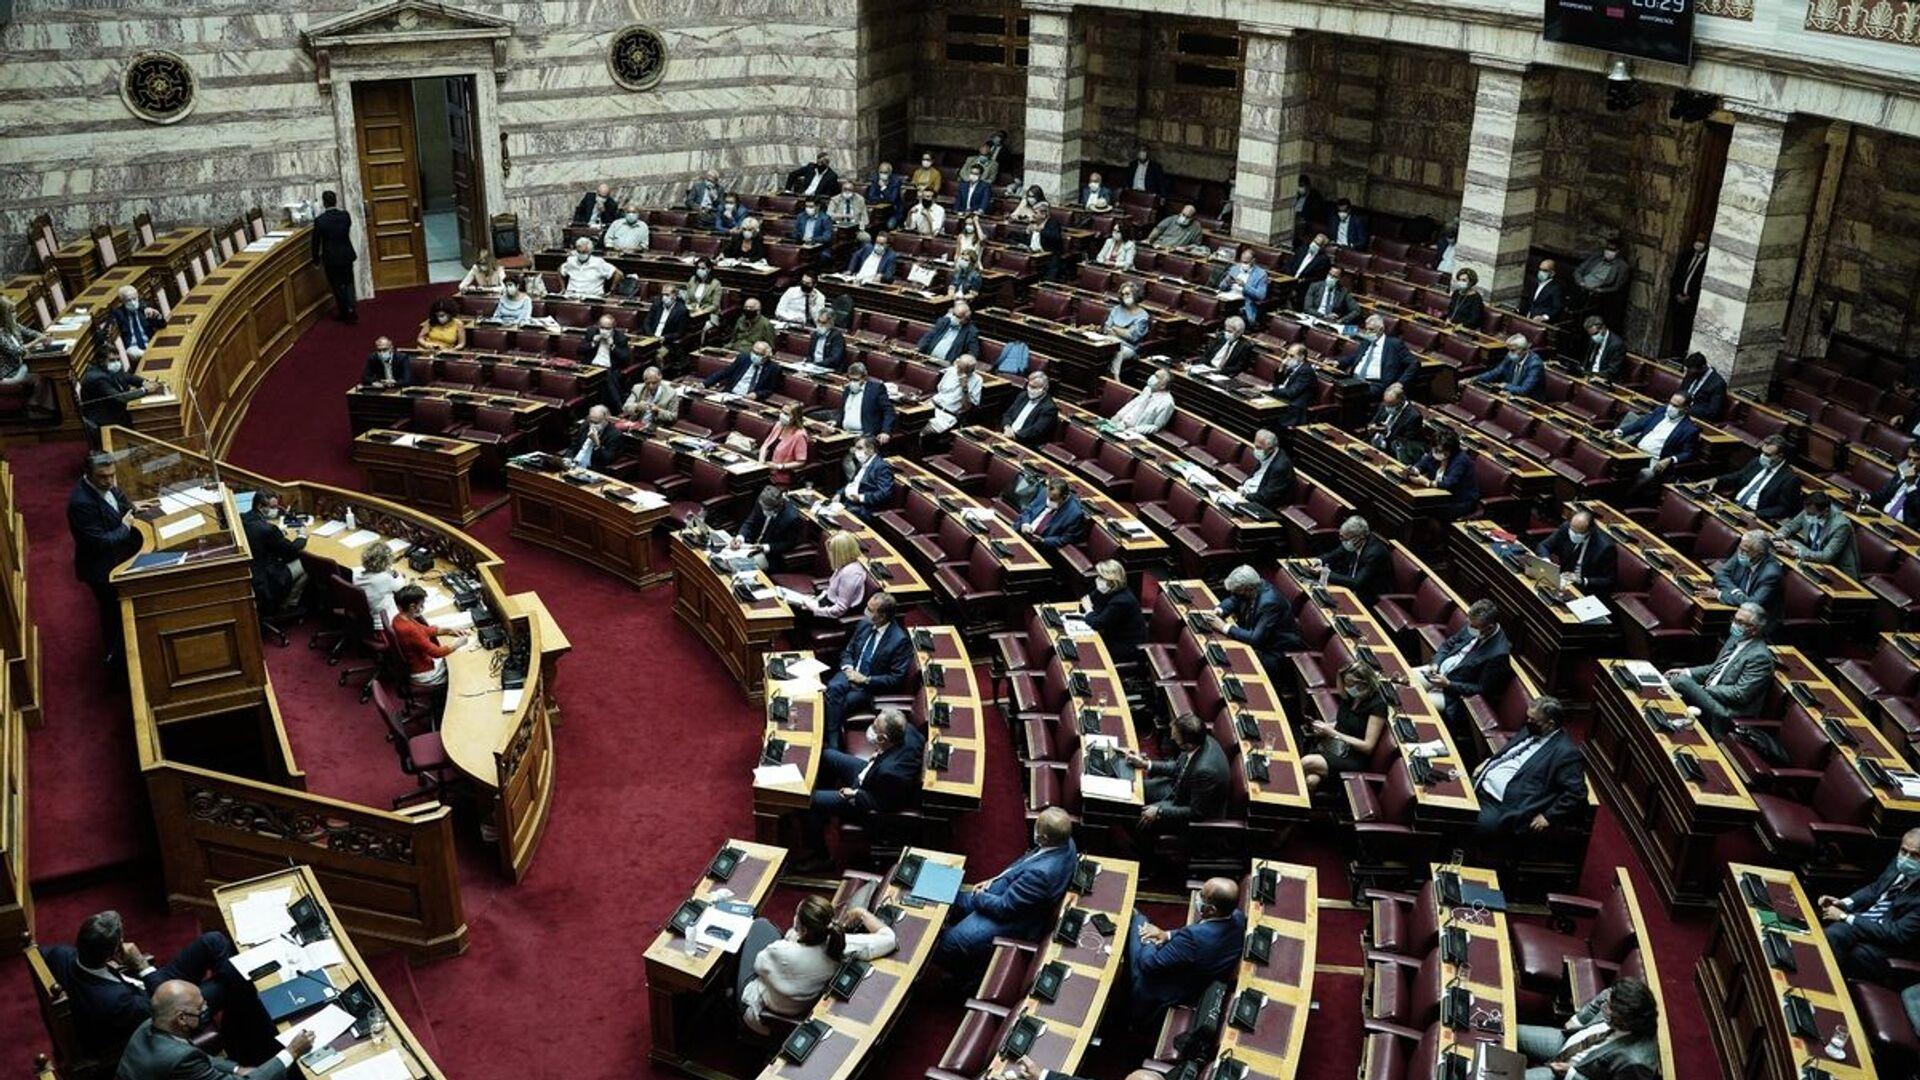 Η Ολομέλεια της Βουλής κατά τη διάρκεια της συζήτησης για τις συμφωνίες με Αίγυπτο - Ιταλία για την ΑΟΖ - Sputnik Ελλάδα, 1920, 30.09.2021